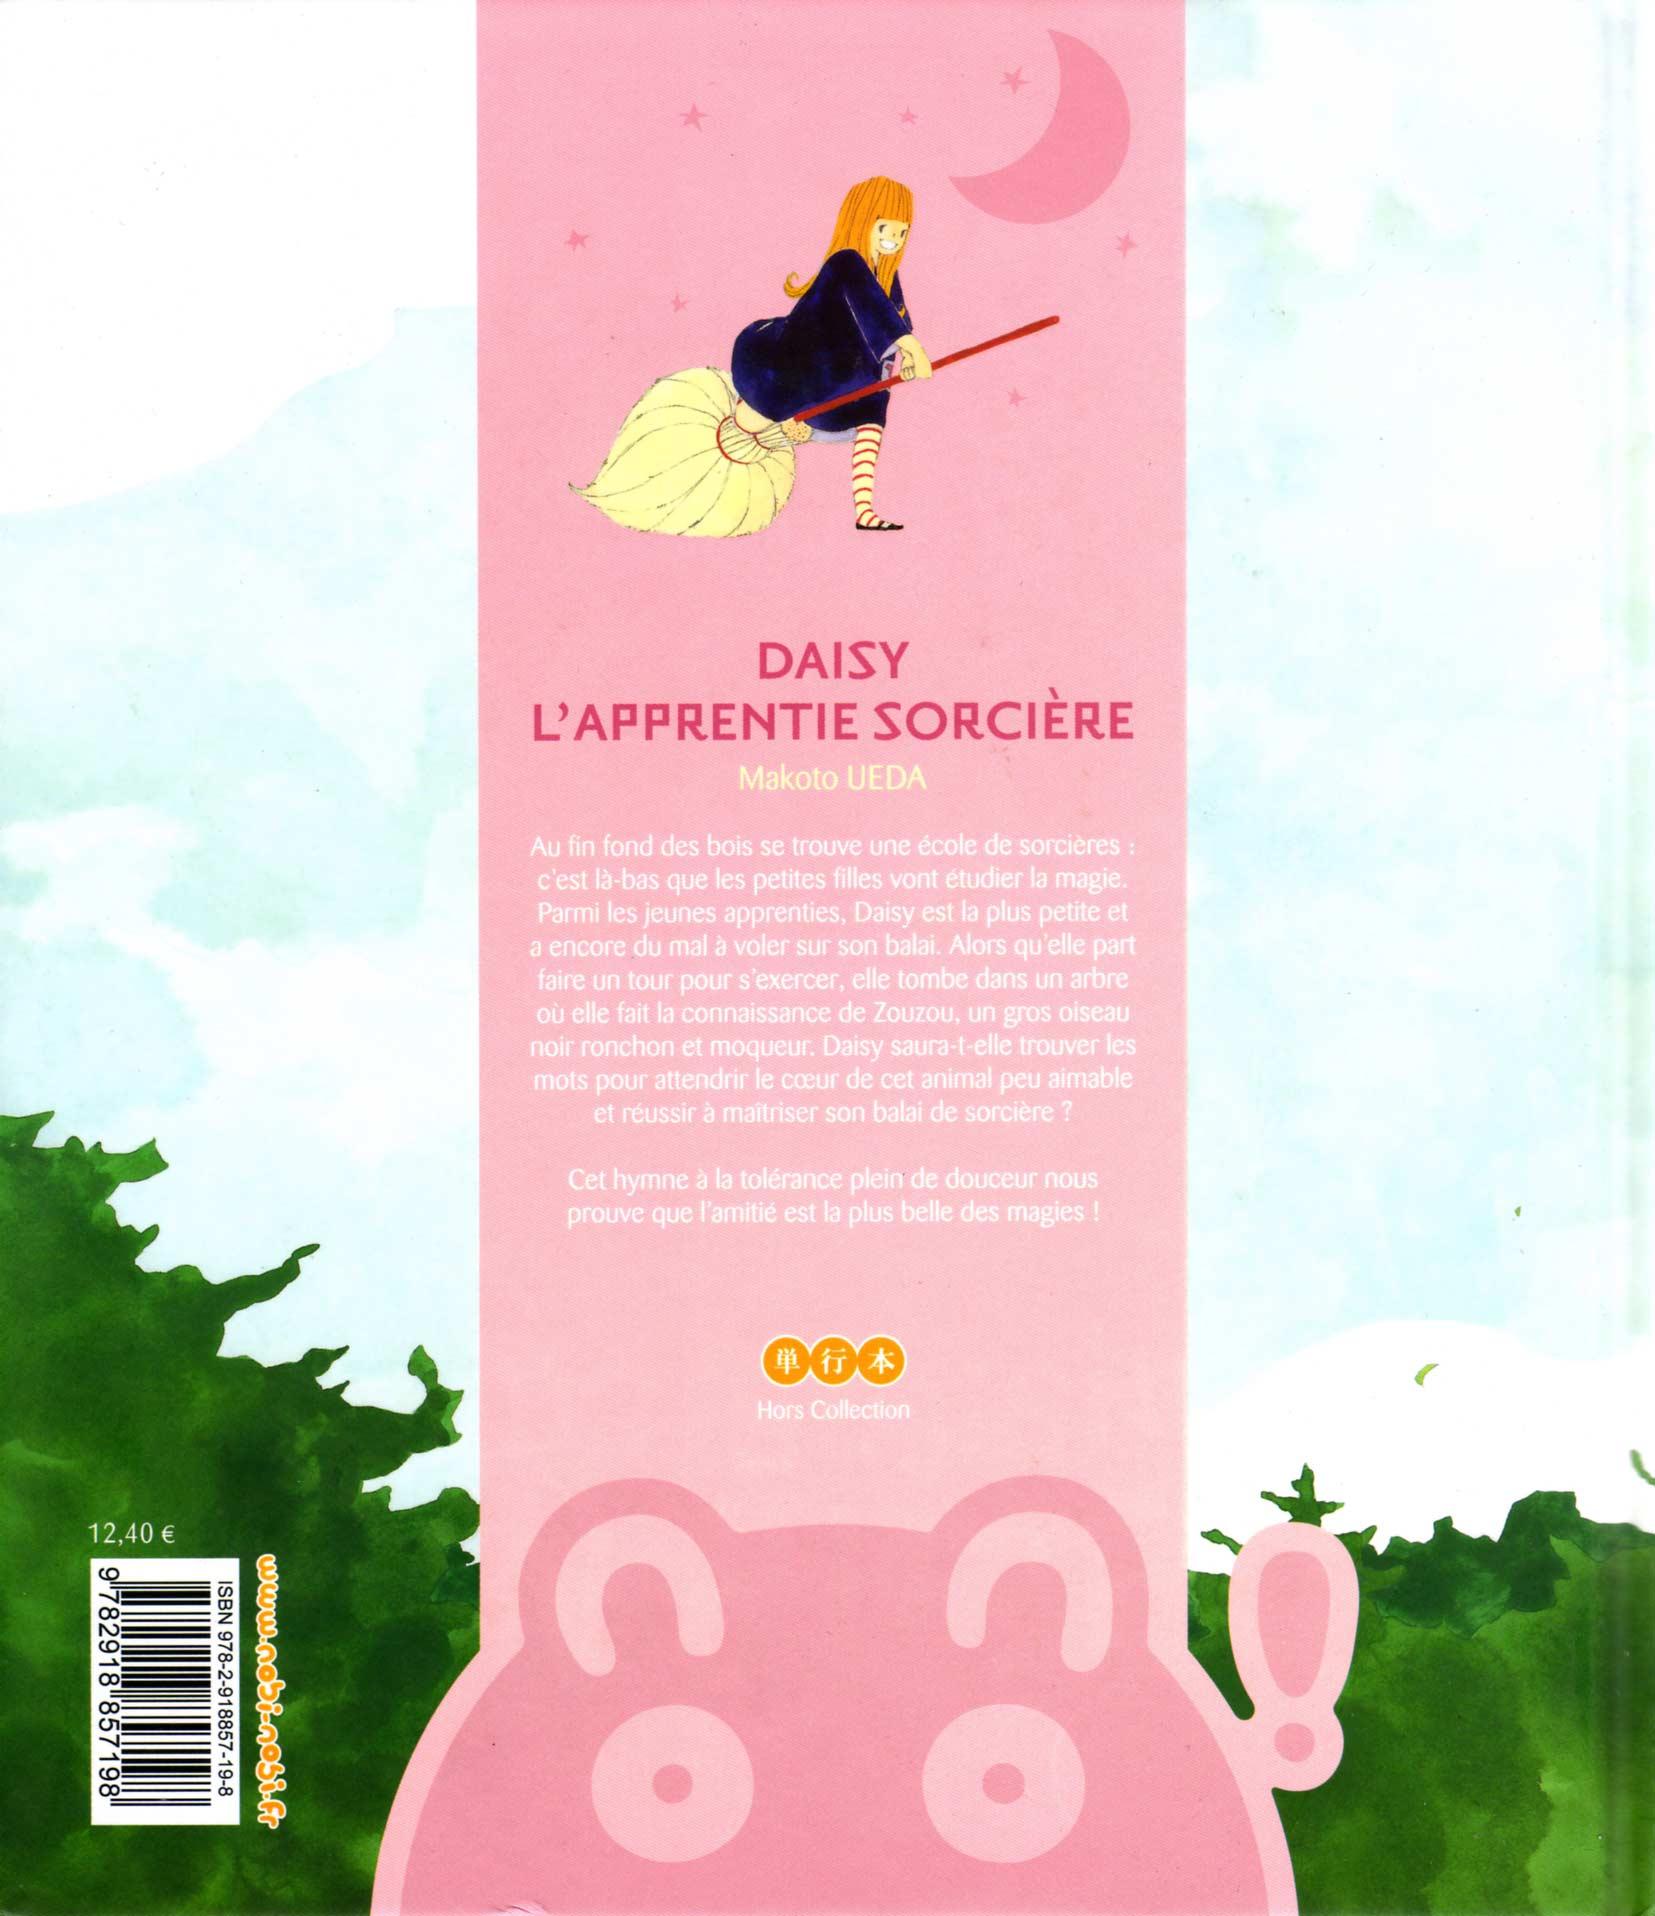 Daisy l'apprentie sorcière (quatrième de couverture)